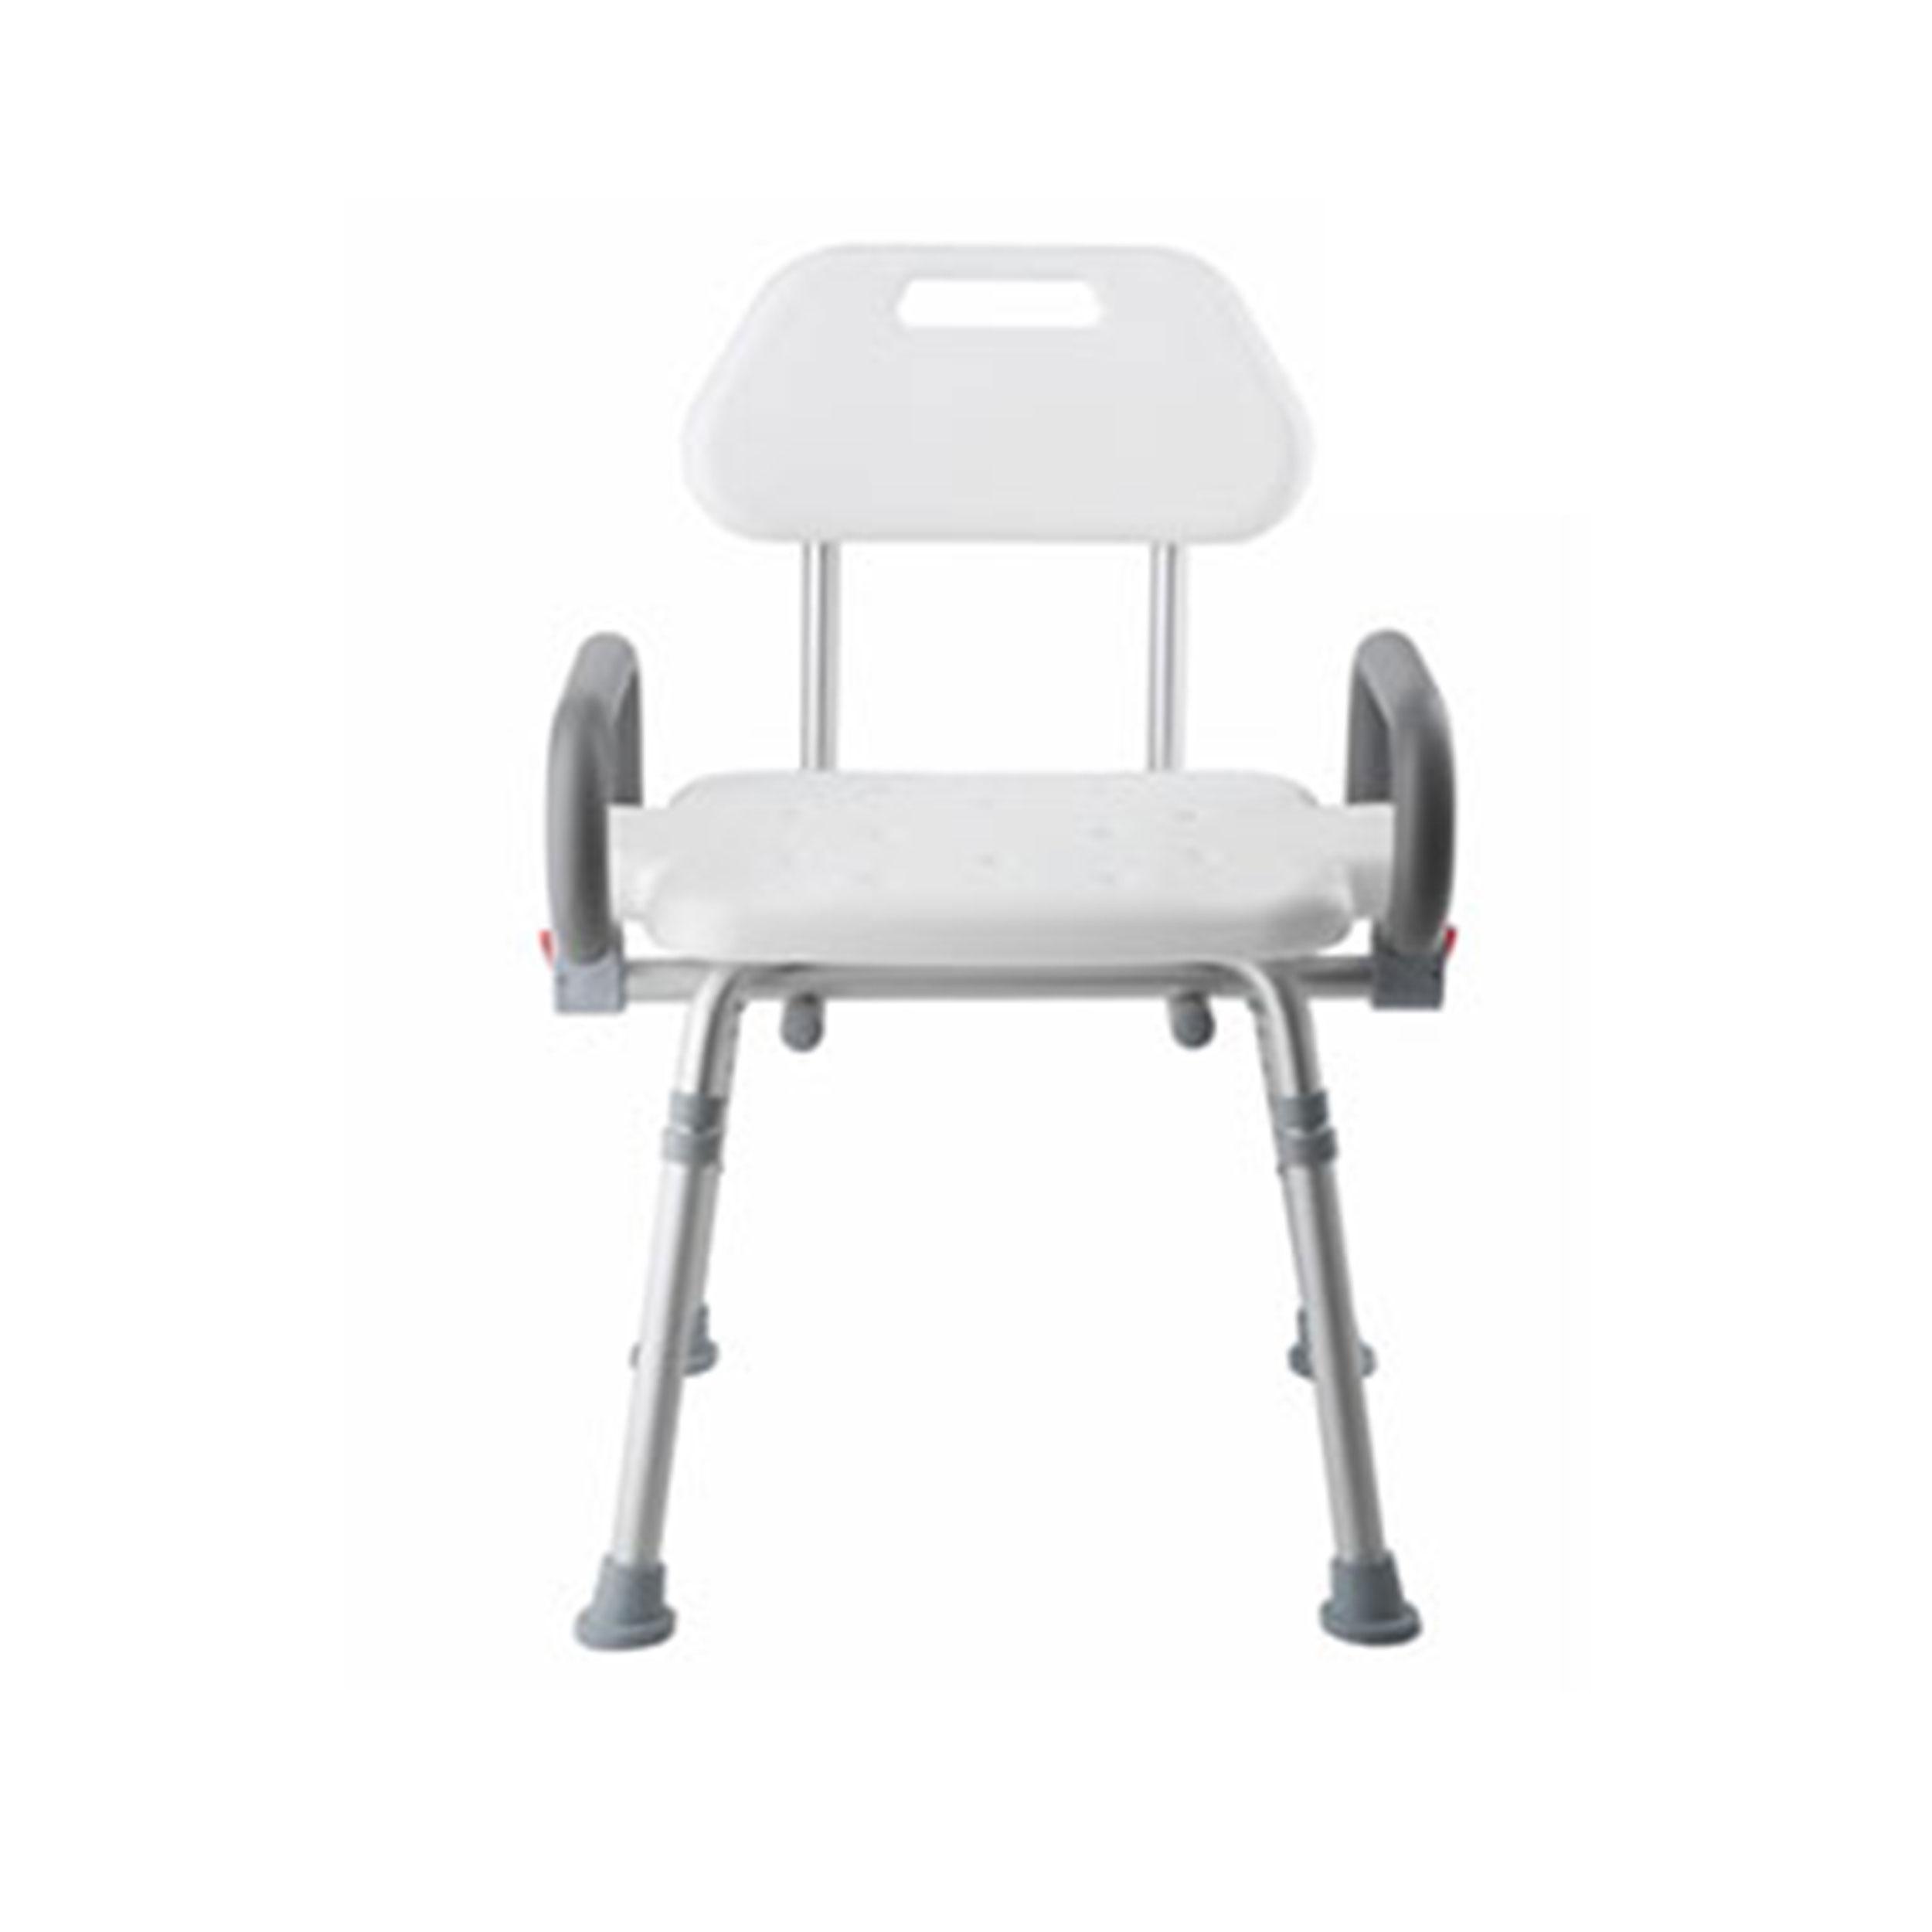 เก้าอี้ห้องอาบน้ำปรับระดับ พับเก็บได้ H101S